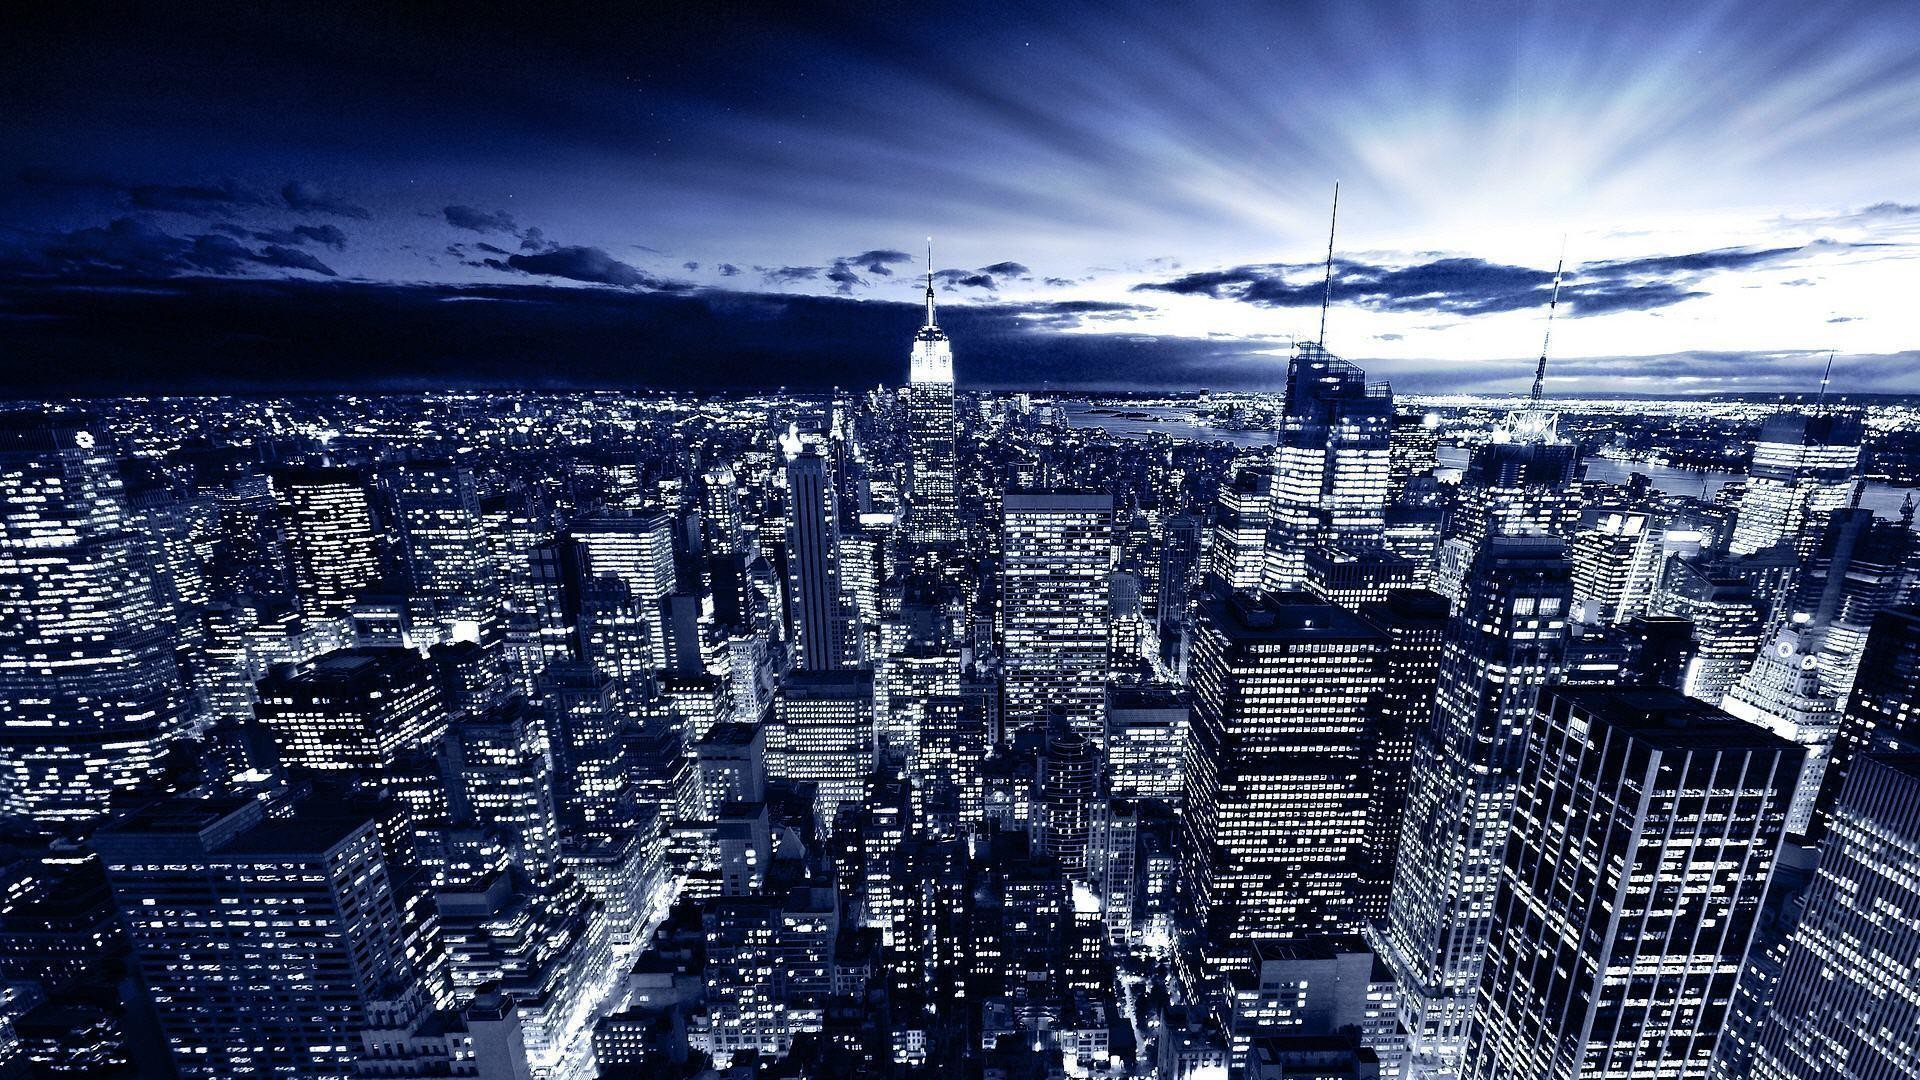 NYC At Night Wallpaper 1